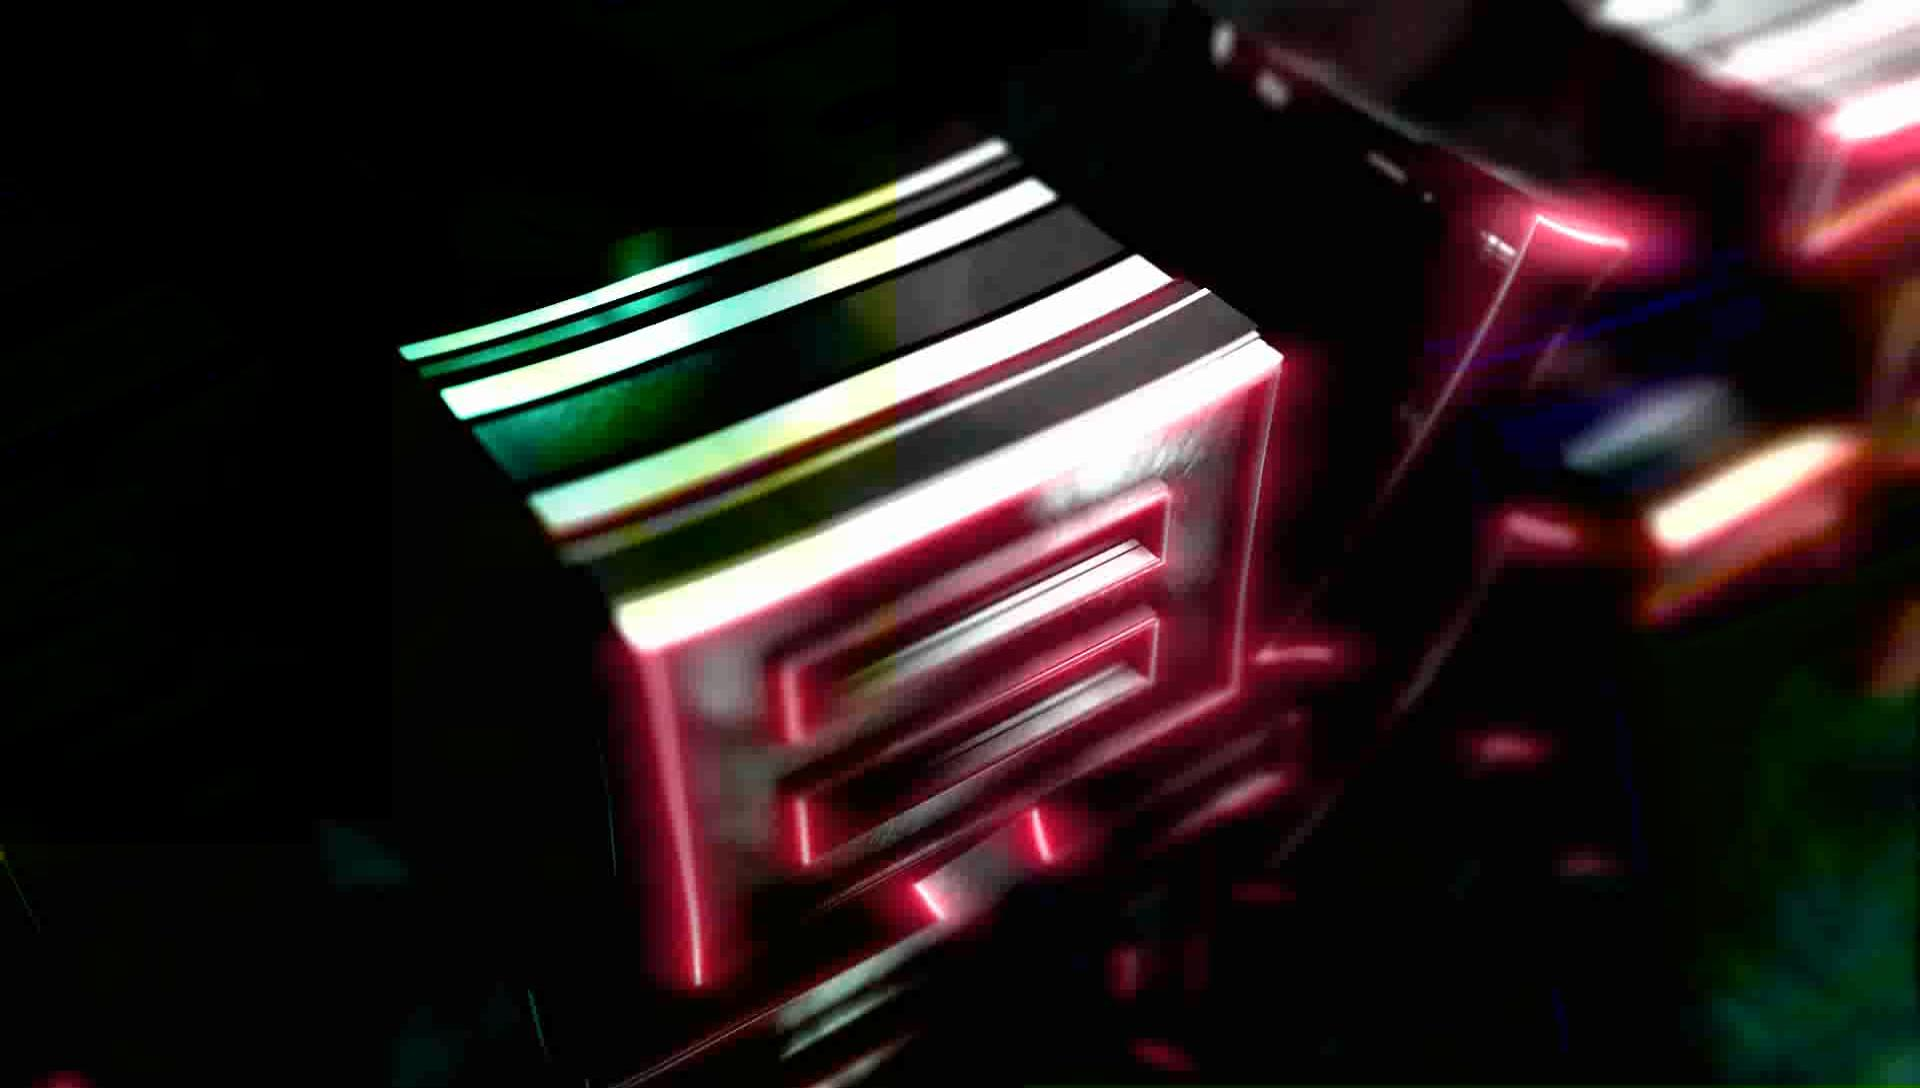 0011\-E3D大气金色粒子三维片头闪闪发光LOGO动画演绎